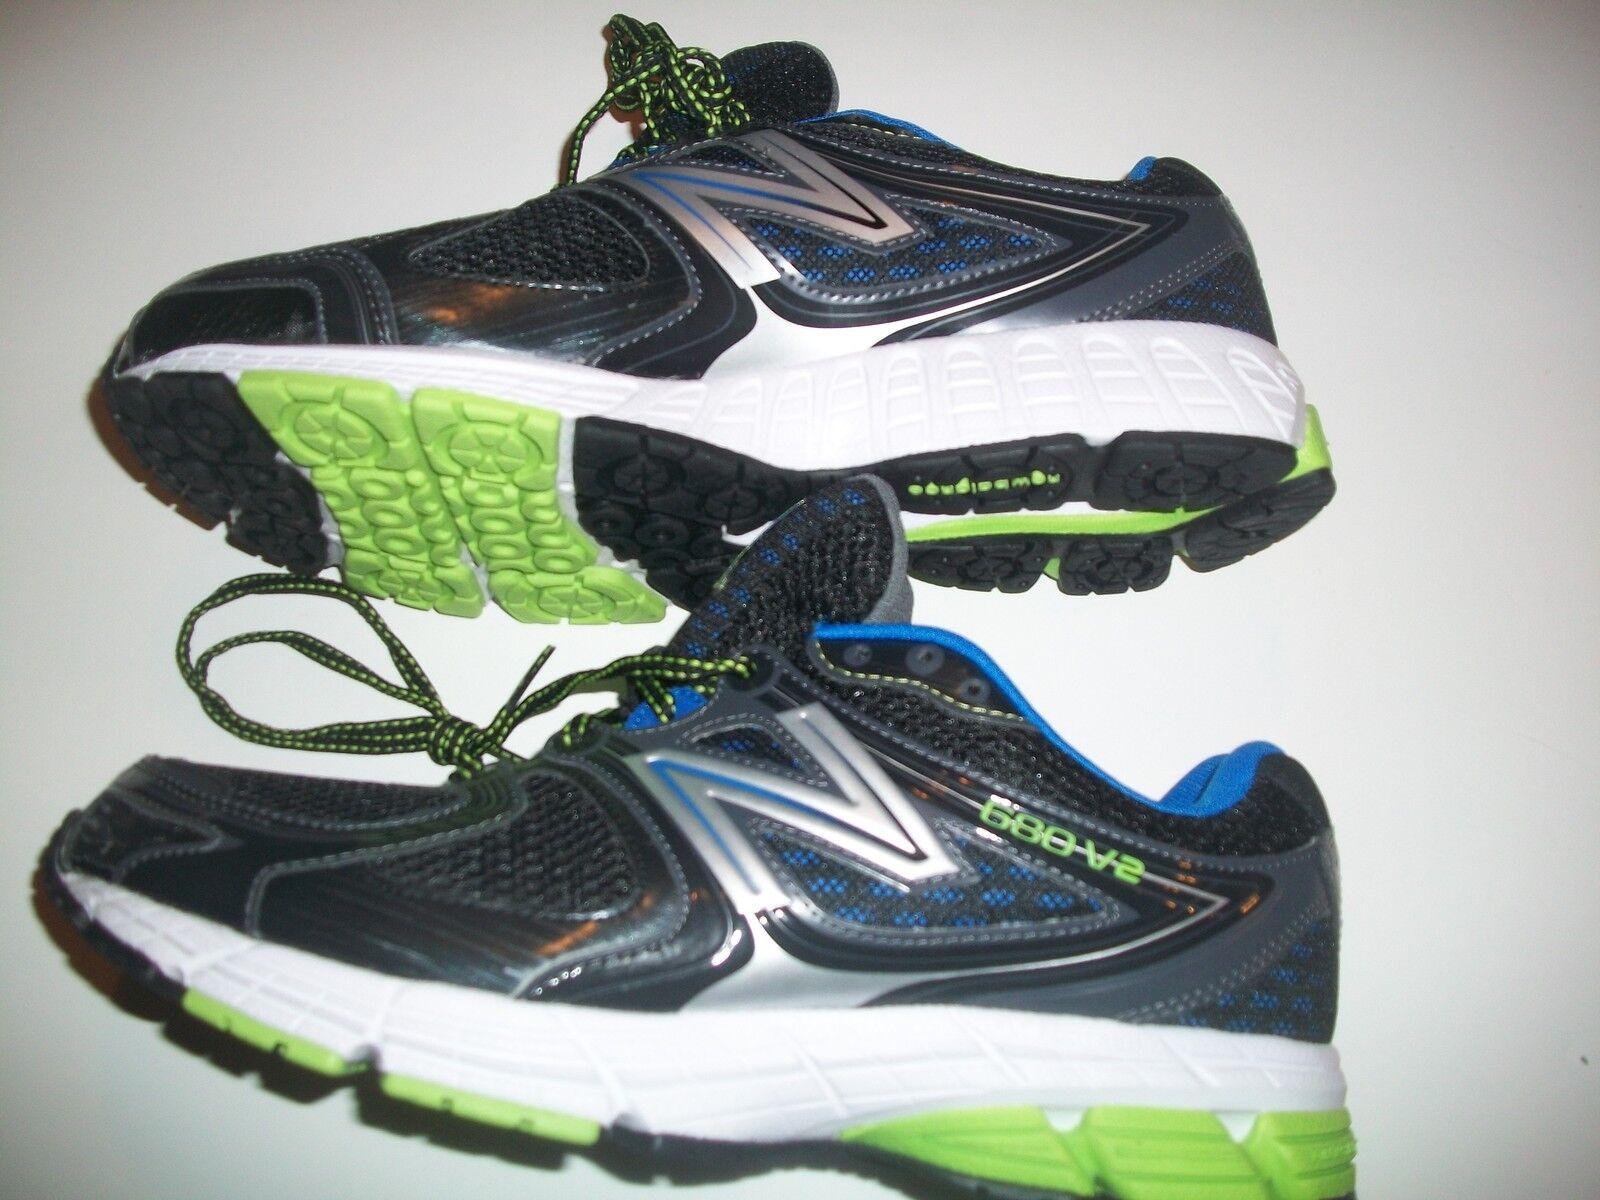 Para hombre New Balance 680v2 Running Zapatos  M680 ancho Talle (4) e x ancho M680 y d medio Tamaños) d56bb6